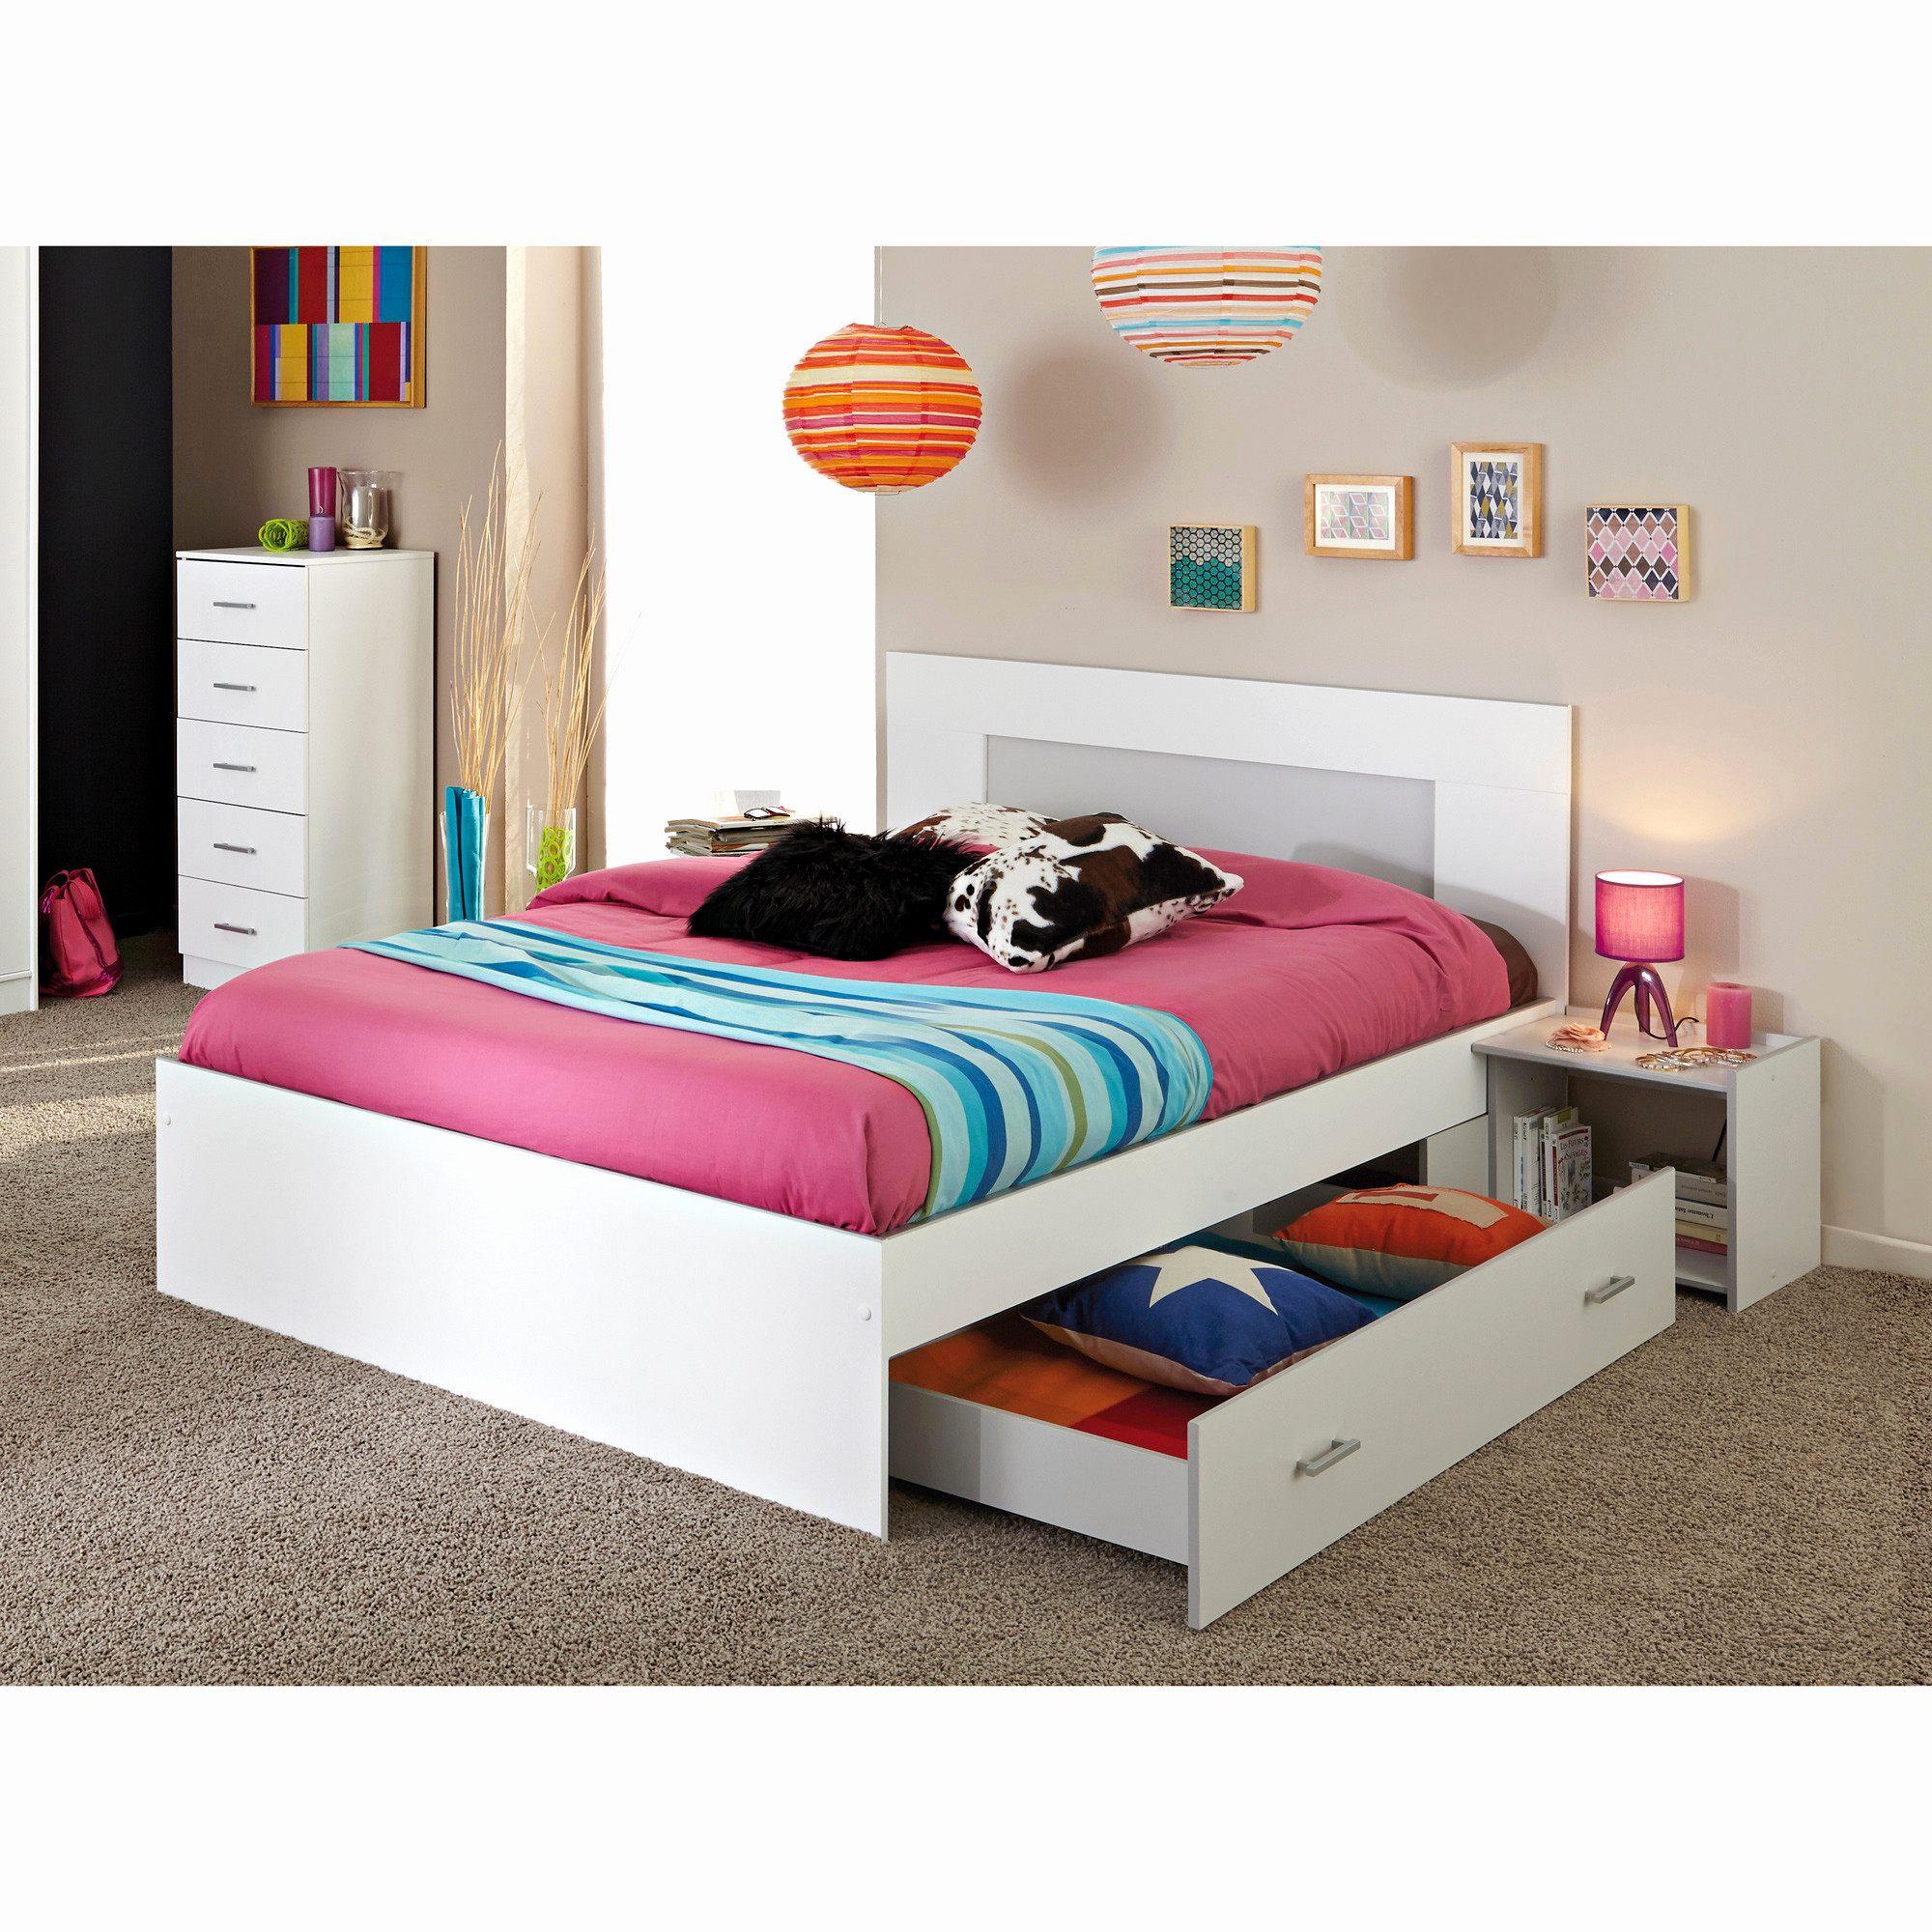 Lit Une Place Enfant Fraîche Lit 3 Tiroirs Conforama Chambre D Enfant Lit Tiroir Ado 15 Luxury